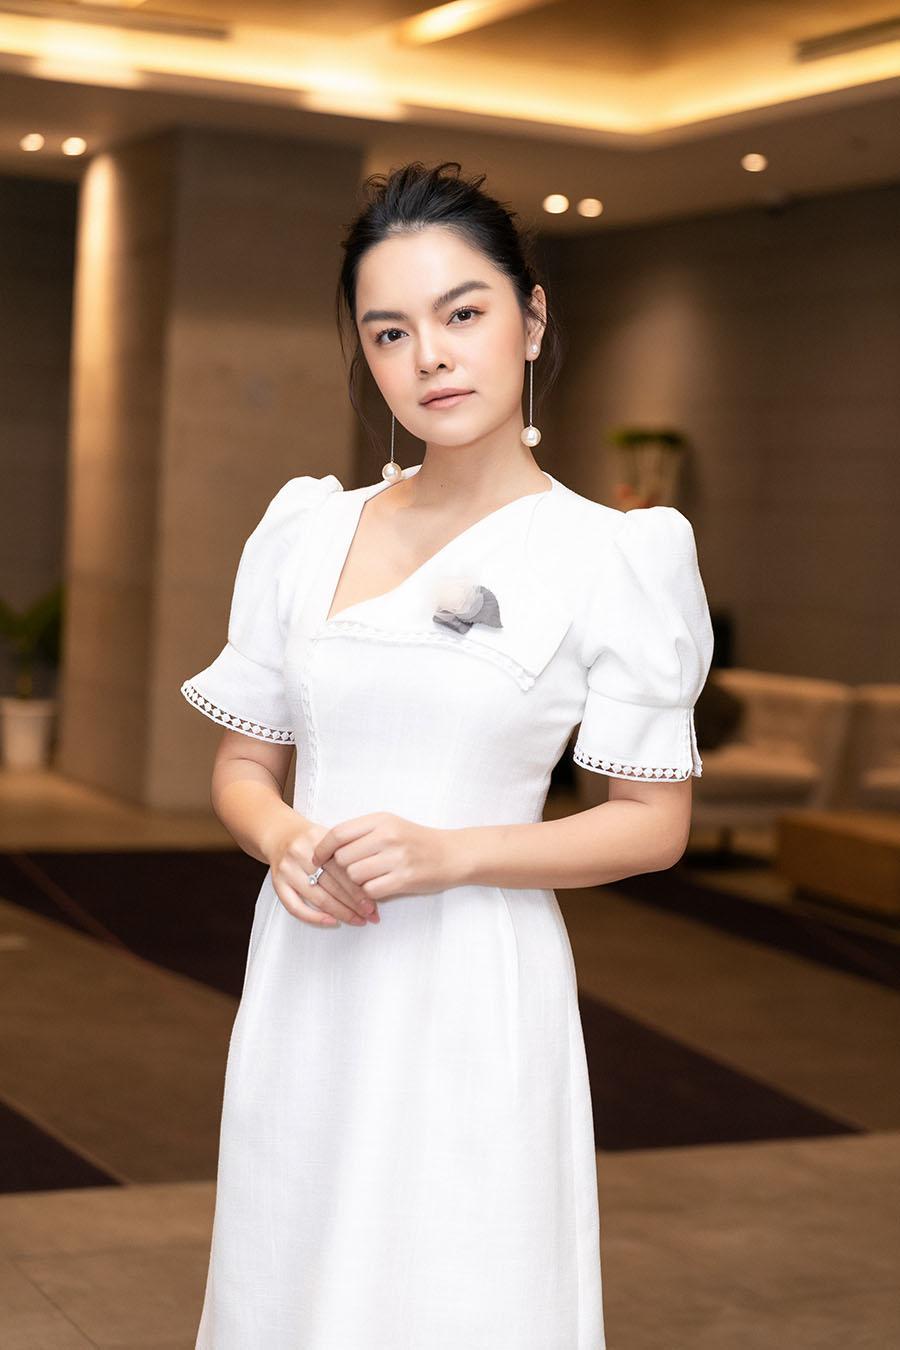 Phạm Quỳnh Anh nghẹn ngào kể lại phản ứng của con gái 6 tuổi khi biết bố mẹ ly hôn - Ảnh 1